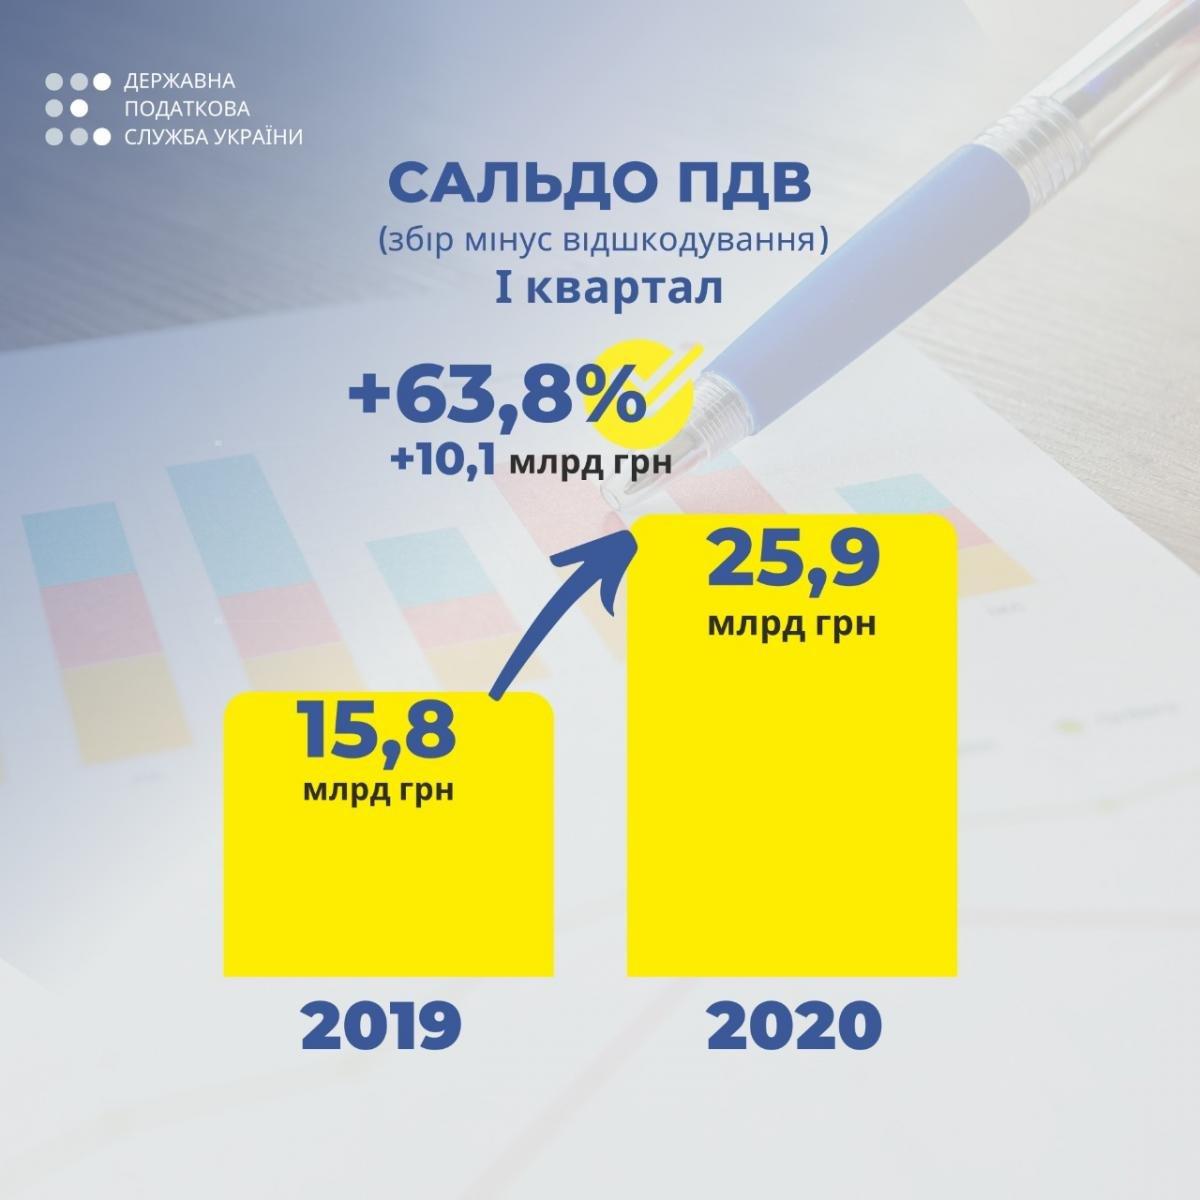 В Податковій доповіли про виконання плану з ПДВ